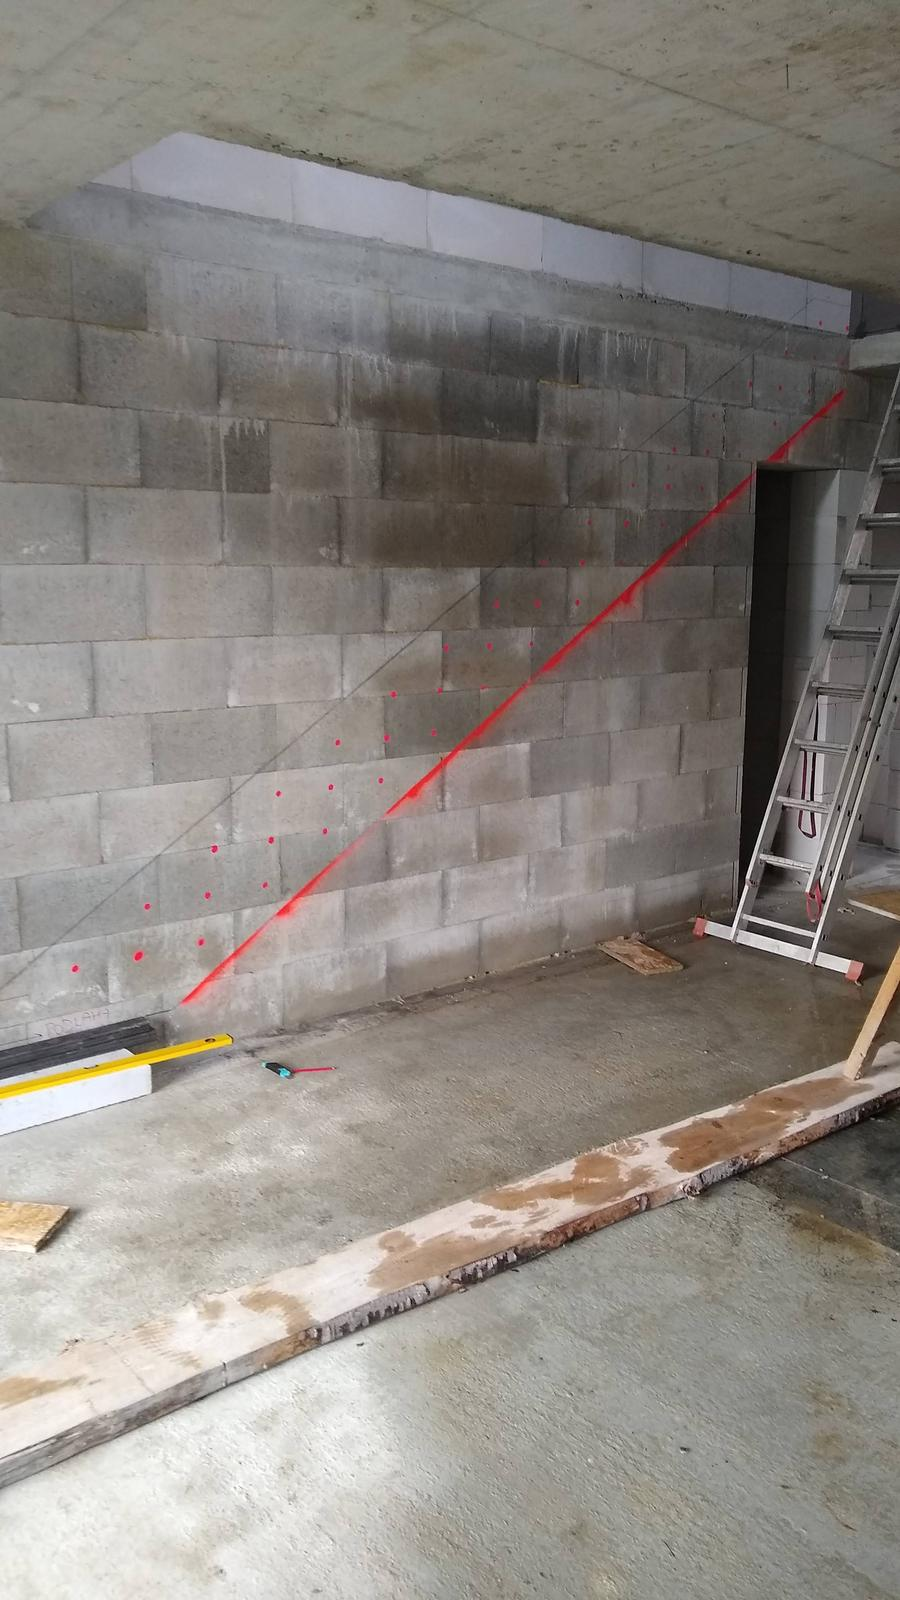 Konzolove schodisko (samonosne schody) - zaznacene, frezovanie a vrtanie dier moze zacat